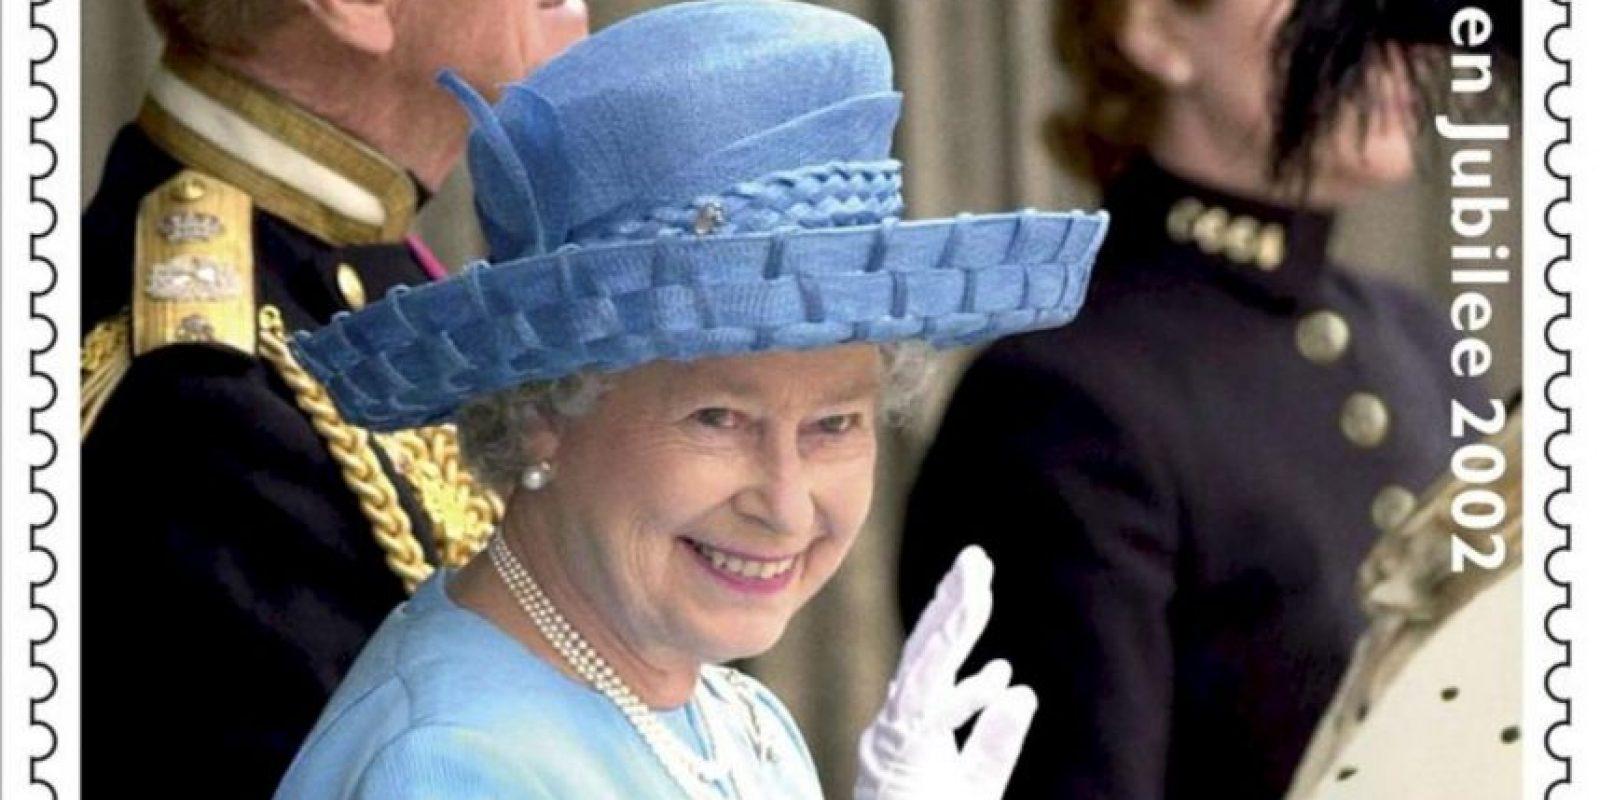 Fotos cedidas hoy, 24 de mayo, por la Royal Mail (Correos británicos) de algunos de los de sellos postales conmemorativos de los sesenta años en el trono de Isabel II, colección cuyo tercero y último conjunto será emitido el próximo 31 de mayo. EFE